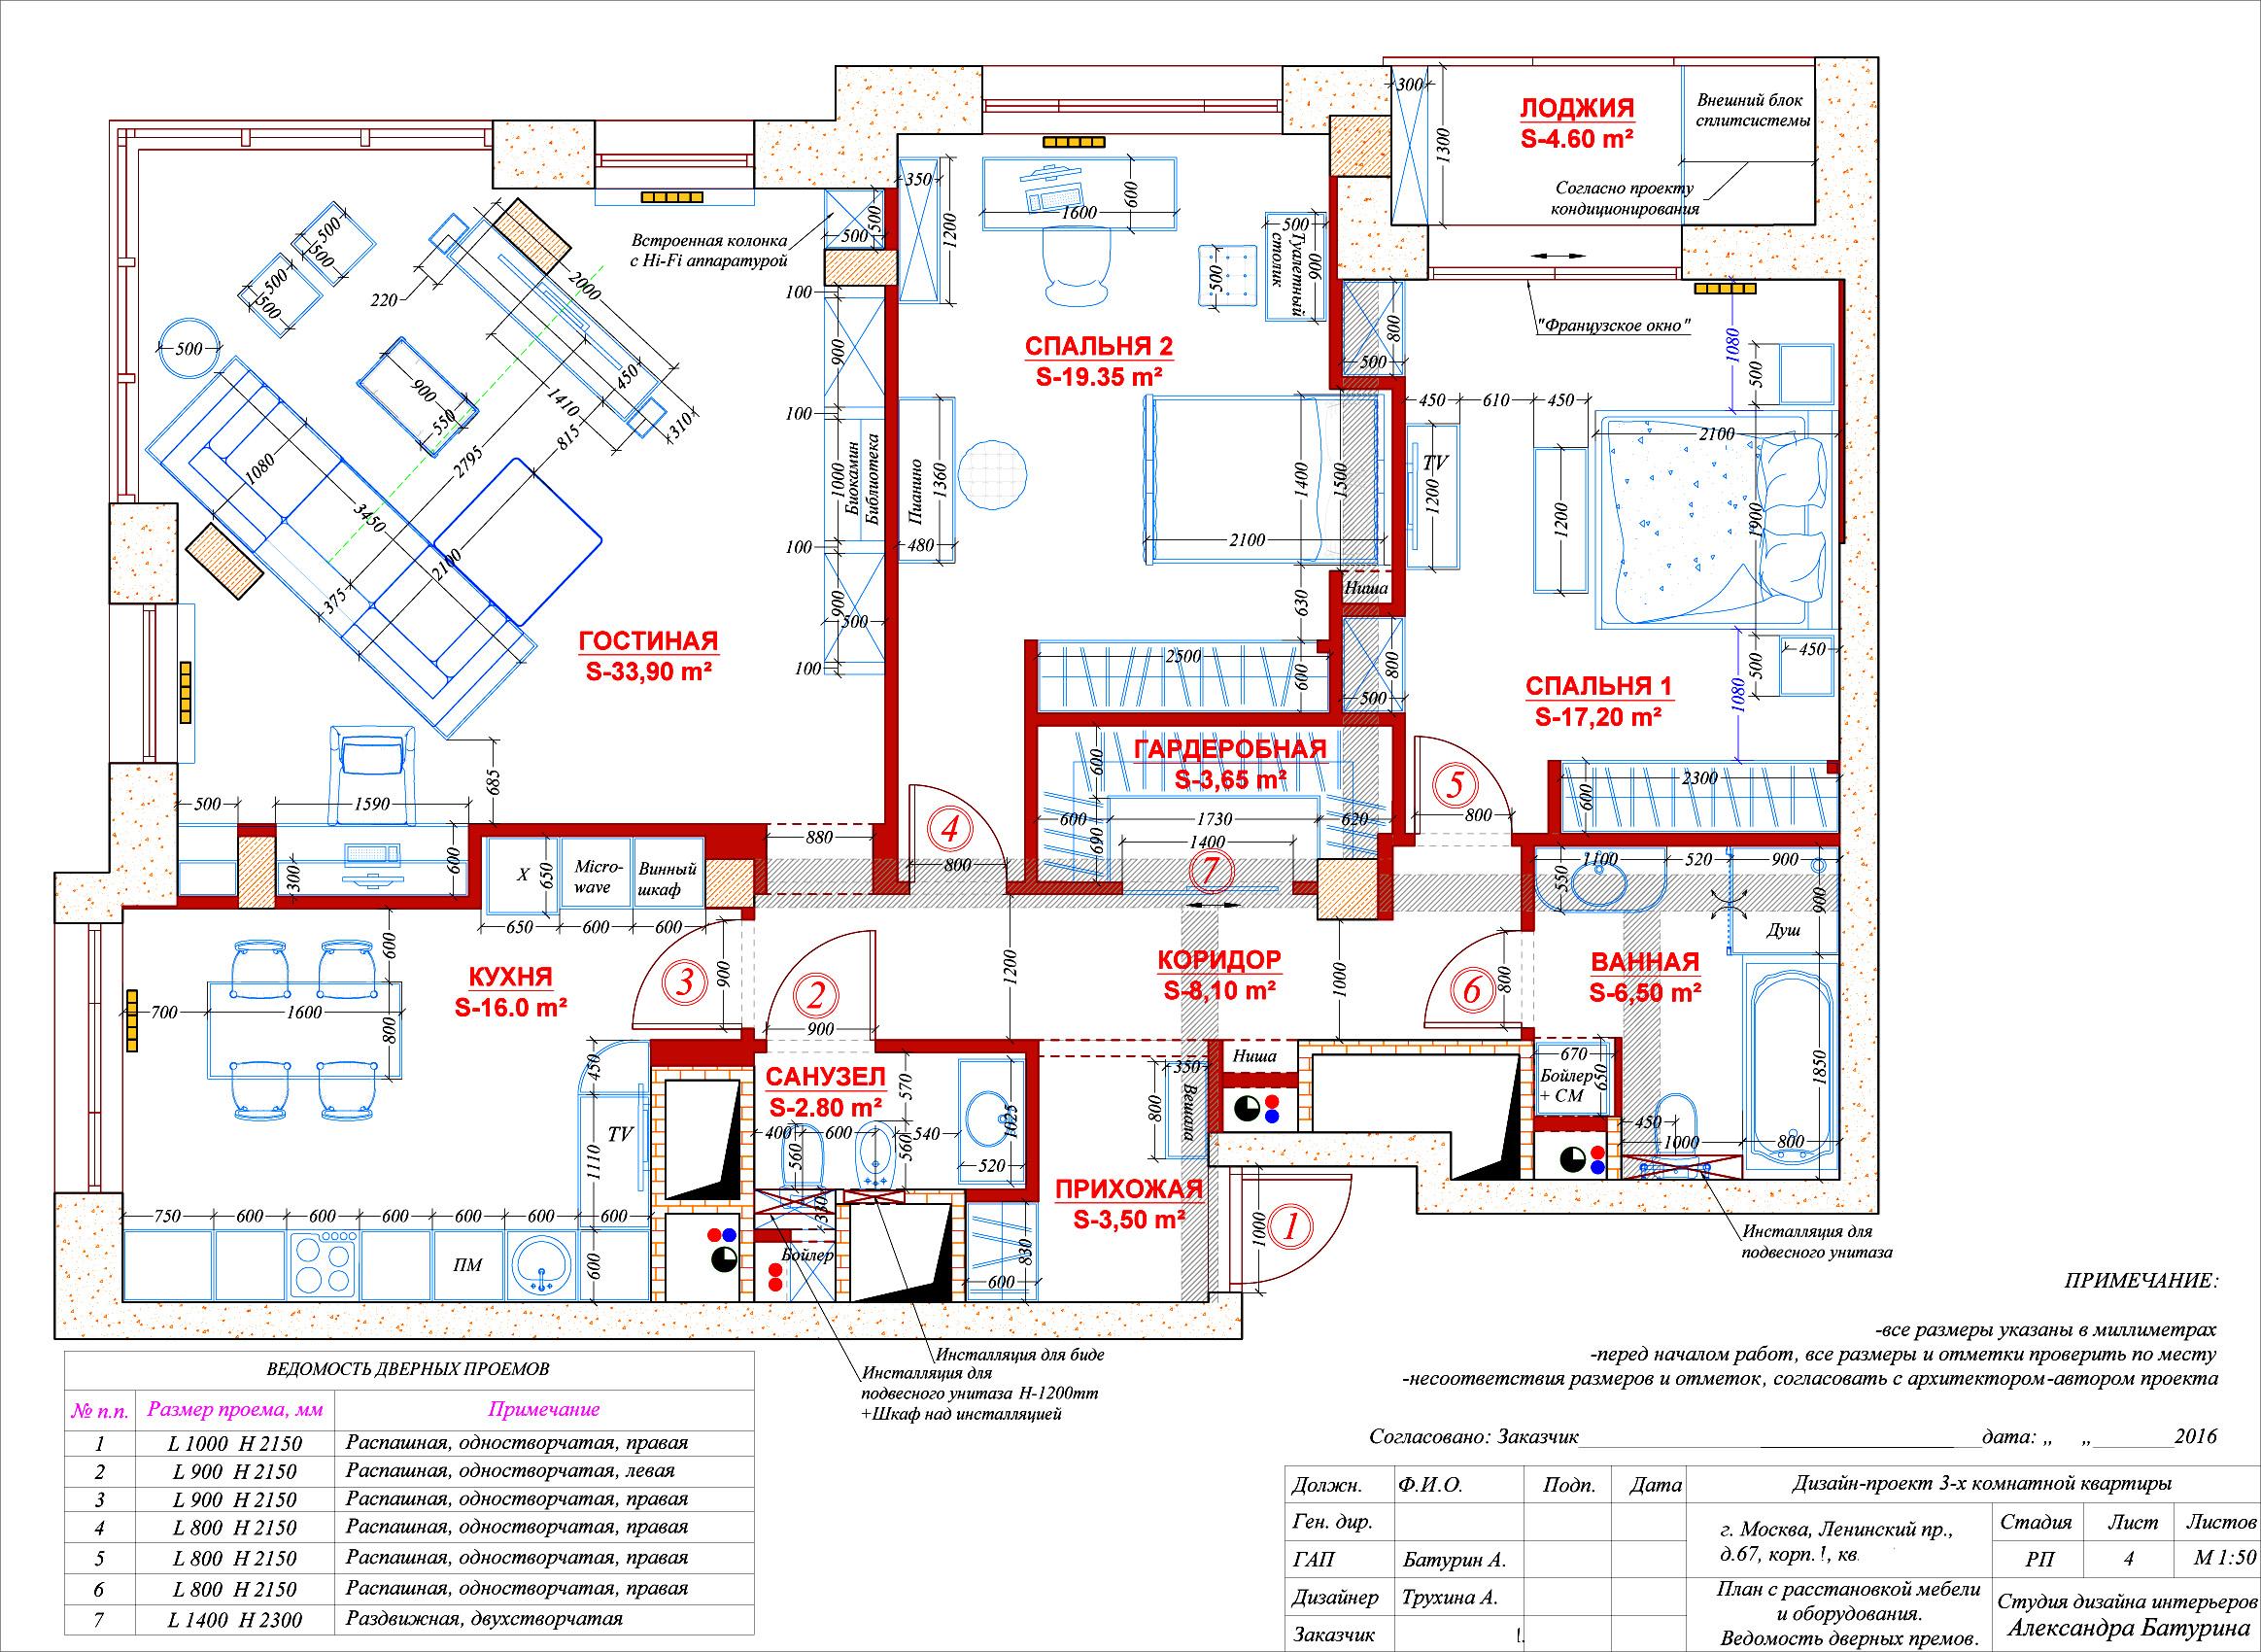 План с расстановкой мебели и оборудования